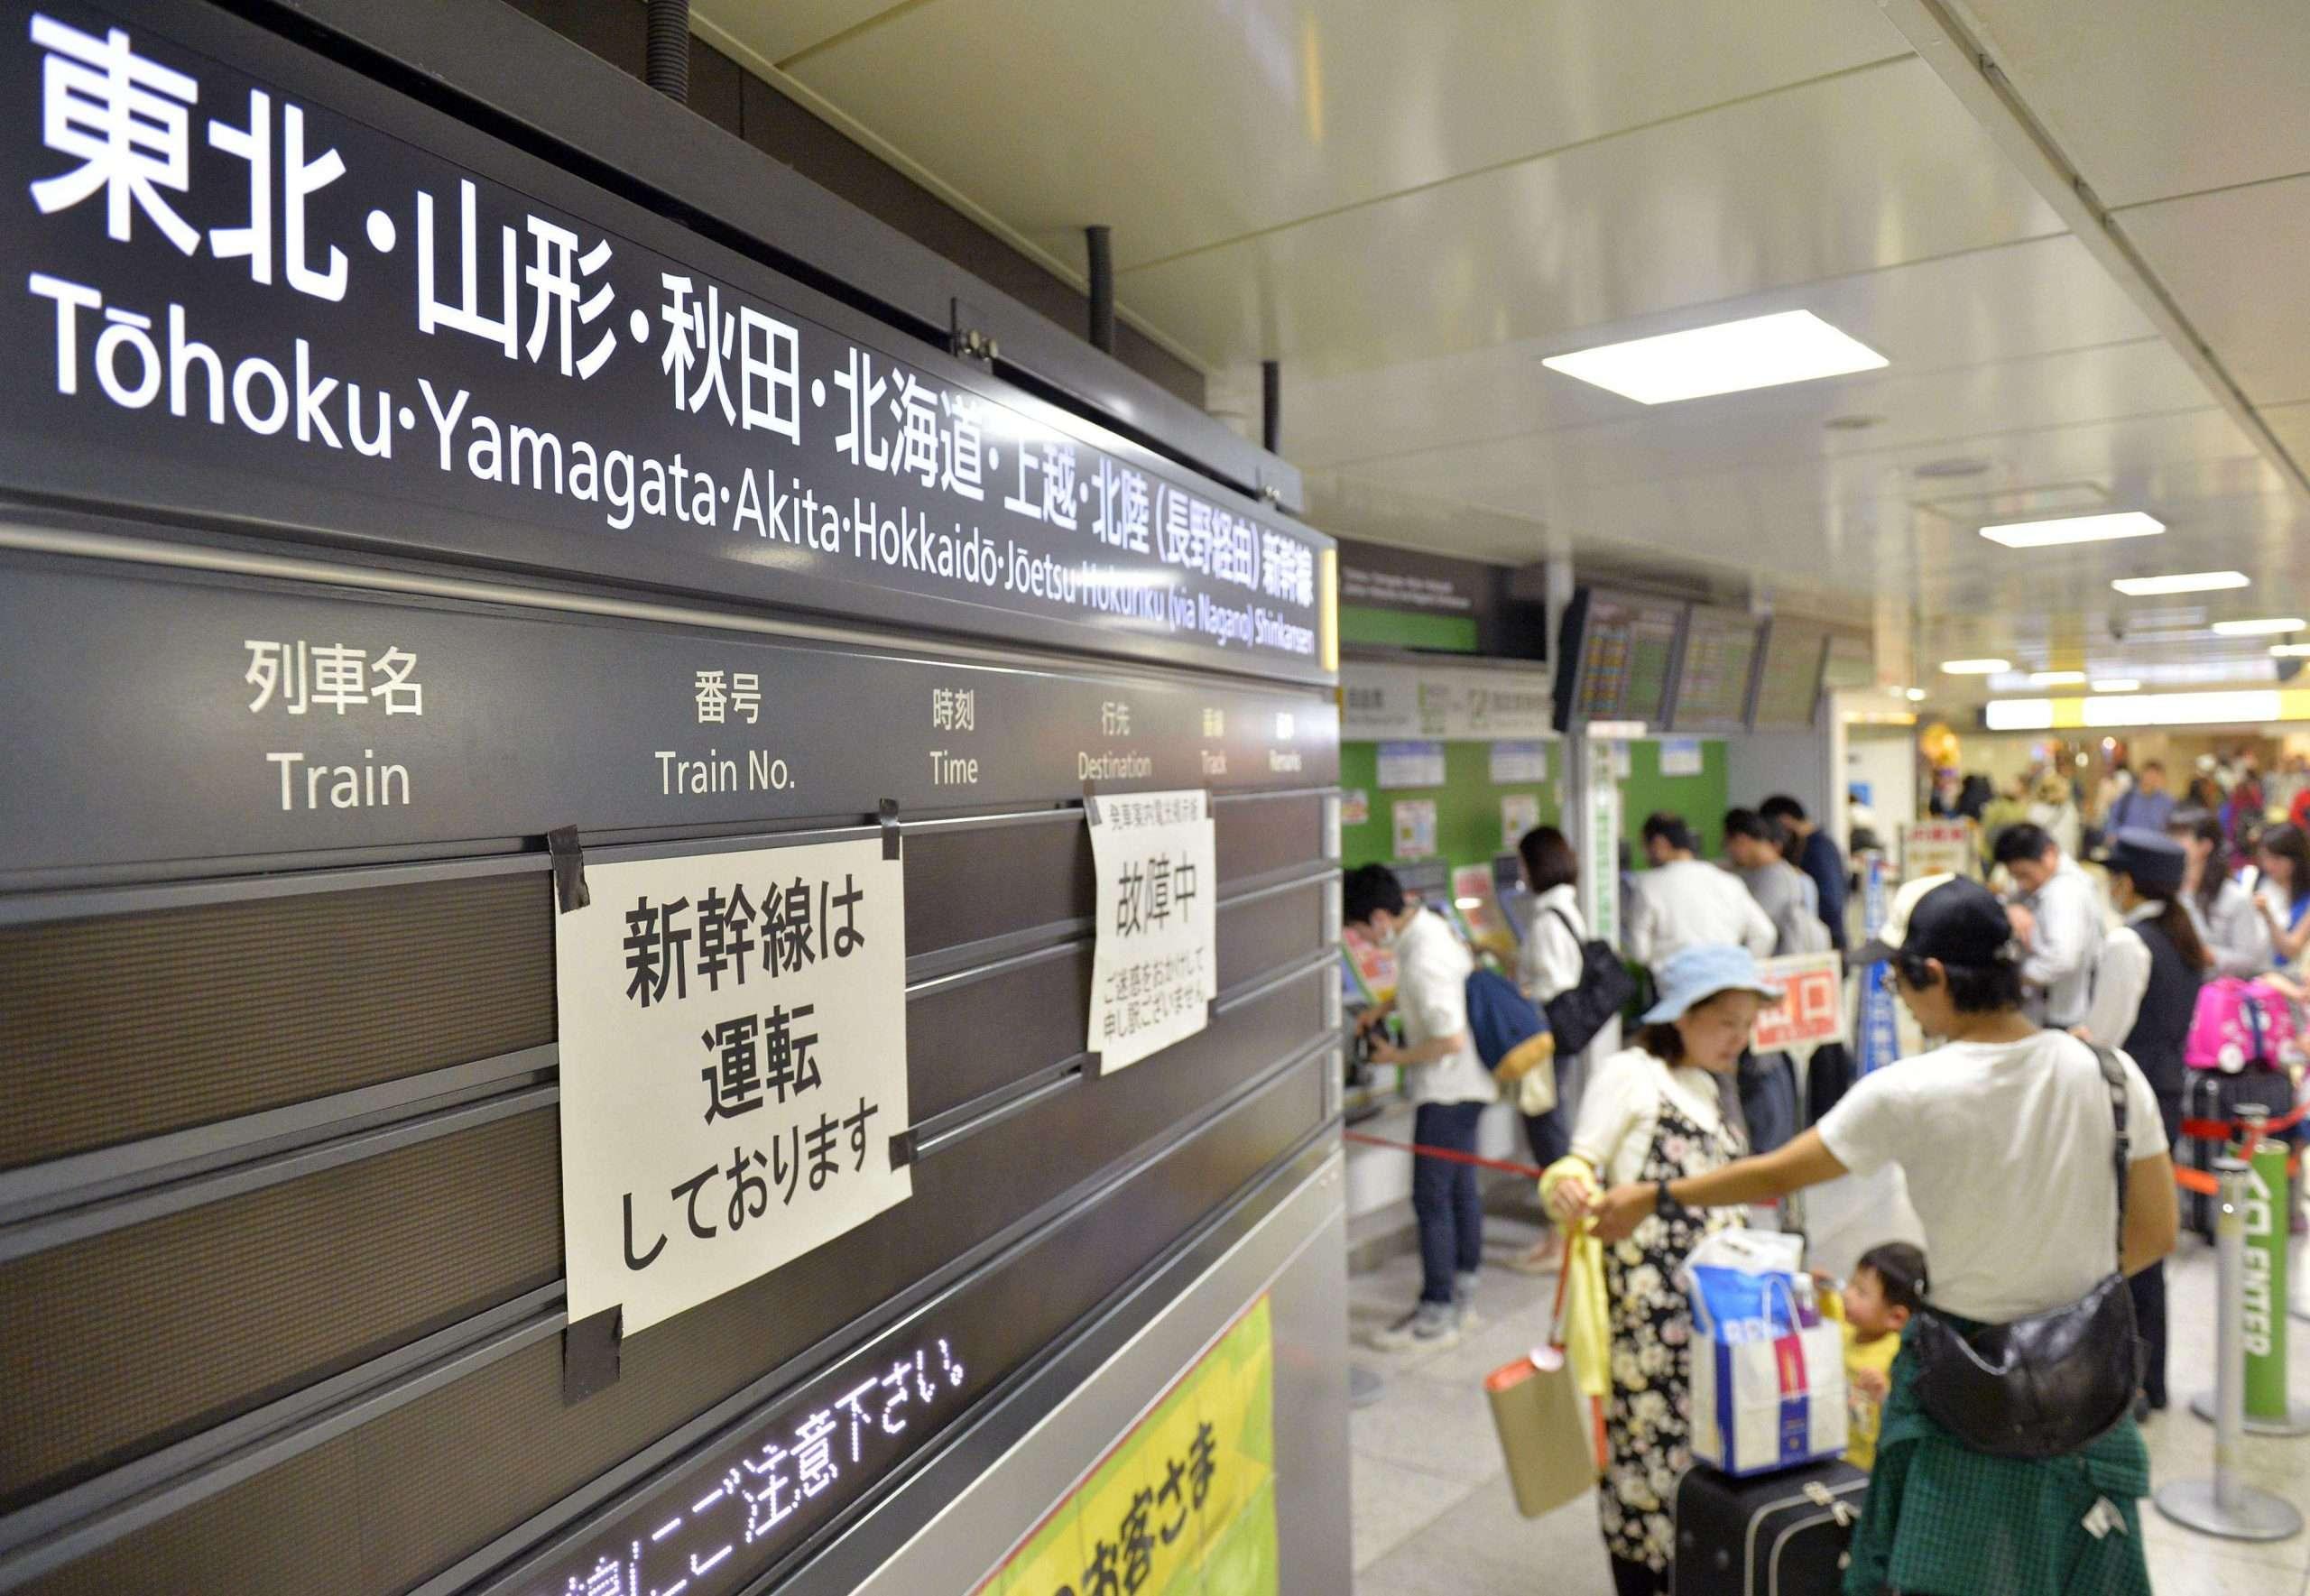 Papan informasi Shinkansen yang mengalami kerusakan disaat Golden Week.